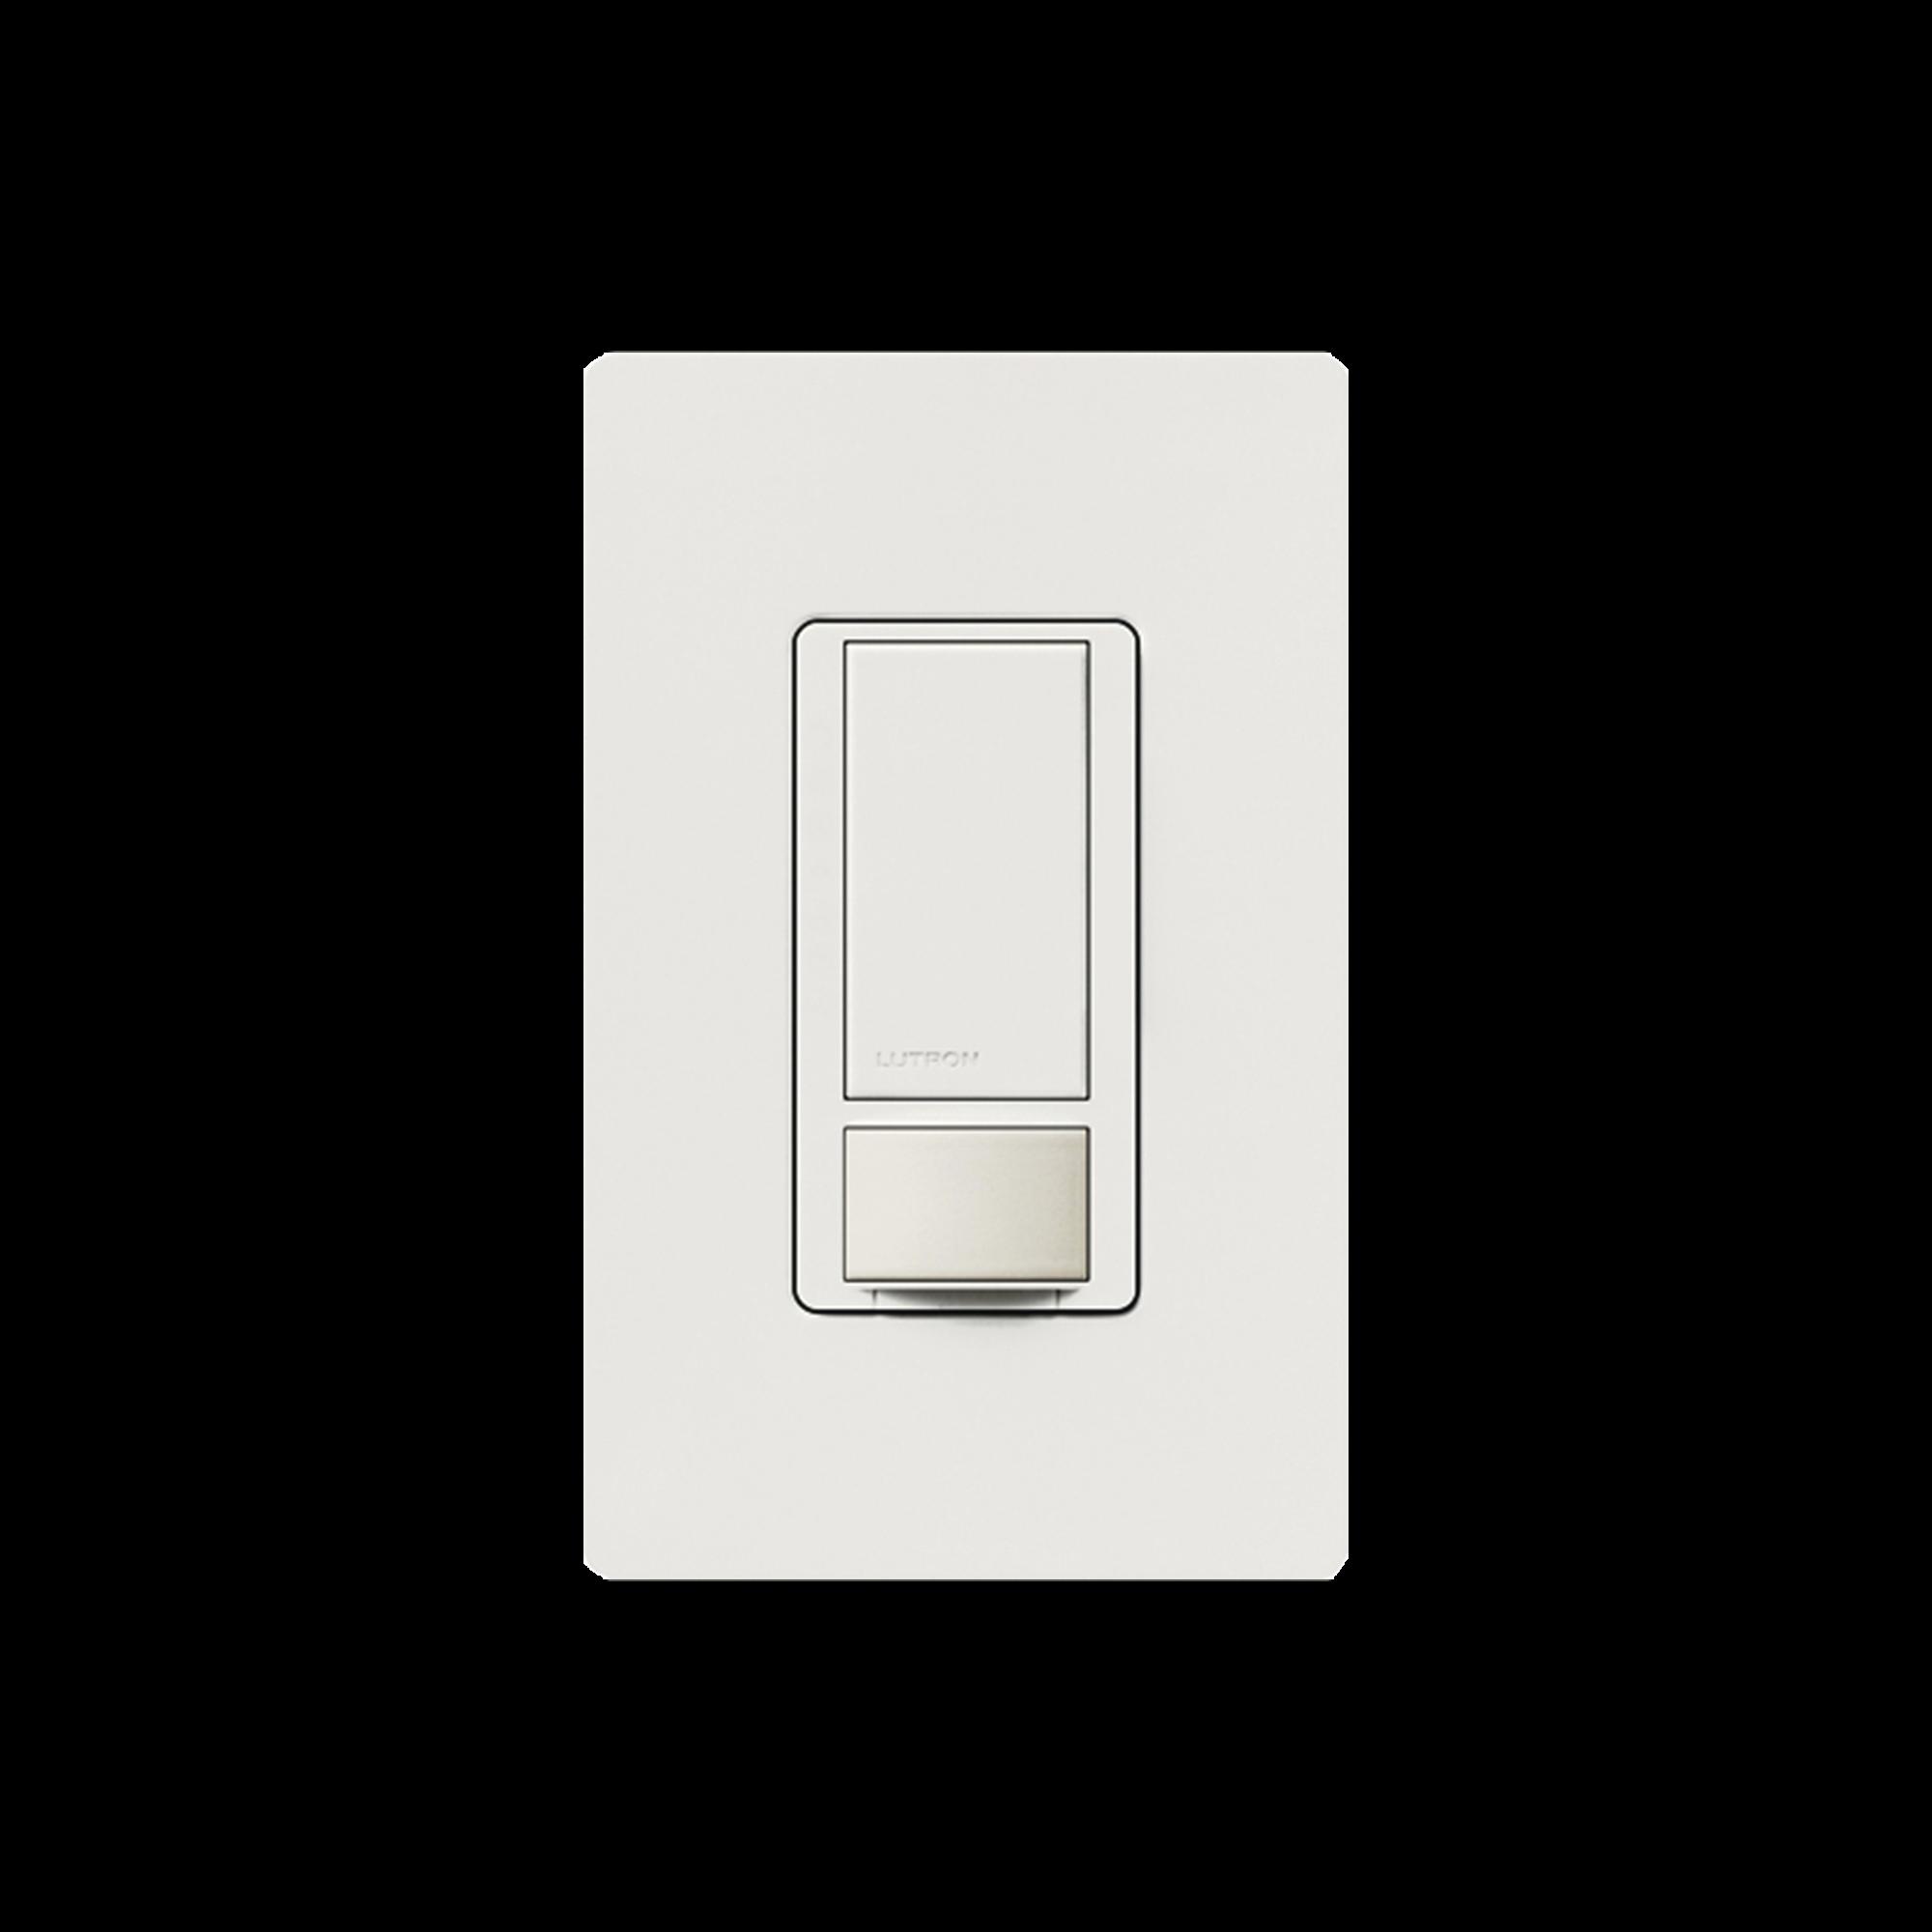 Apagado y sensor de movimiento, recomendable para baños, oficinas privadas, etc. 6AMP DV